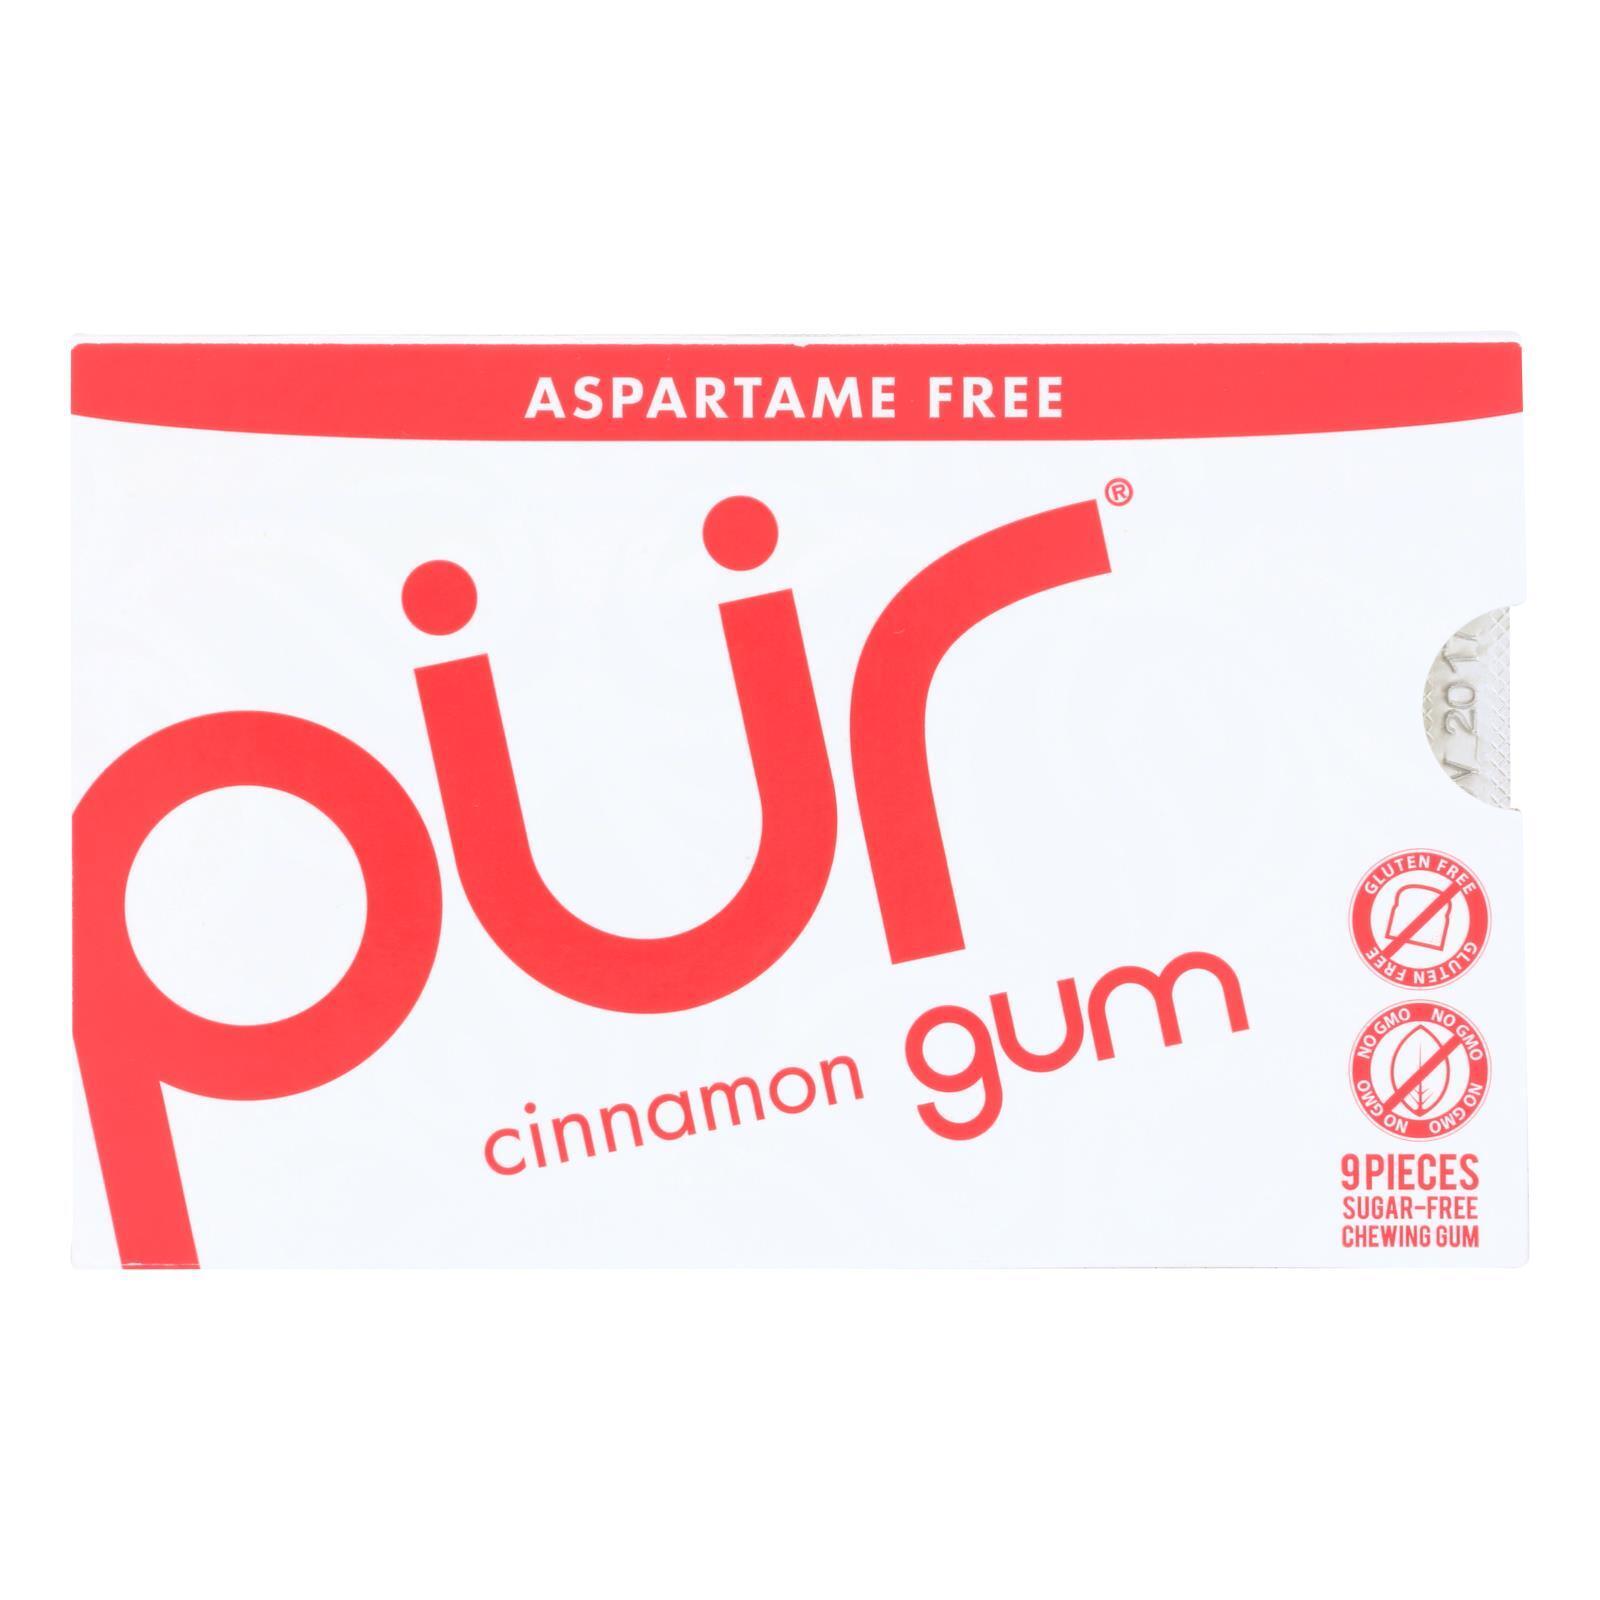 Pur Gum - Cinnamon - Aspartame Free - 9 Pieces - 12.6 g - Case of 12